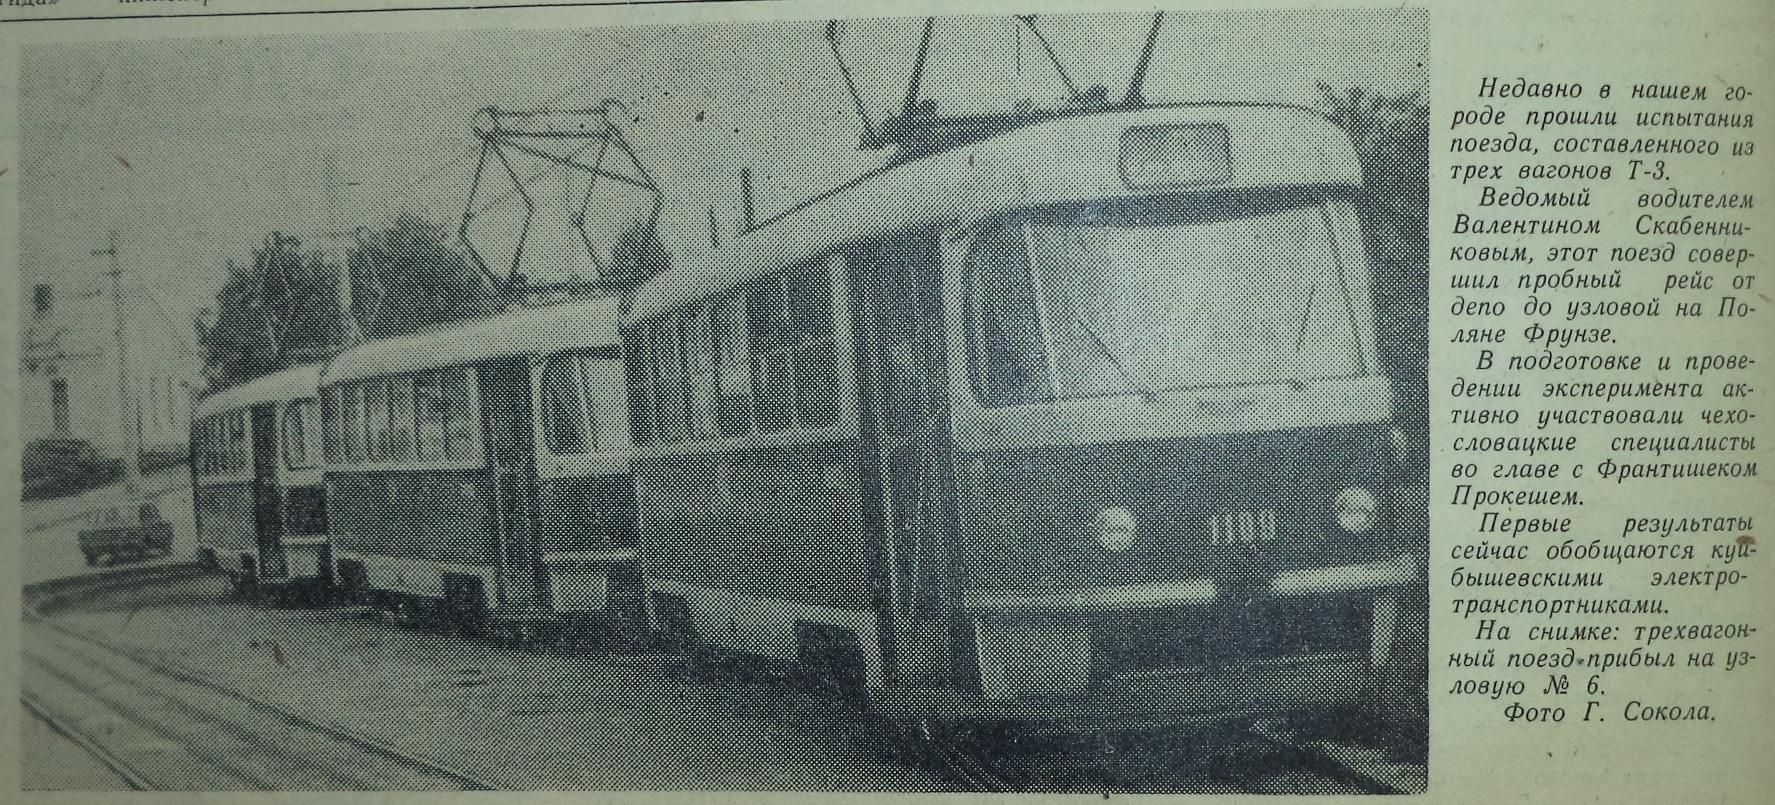 Ново-Садовая-ФОТО-125-ЗРР-1973-09-20-фото трёхваг. трамвая